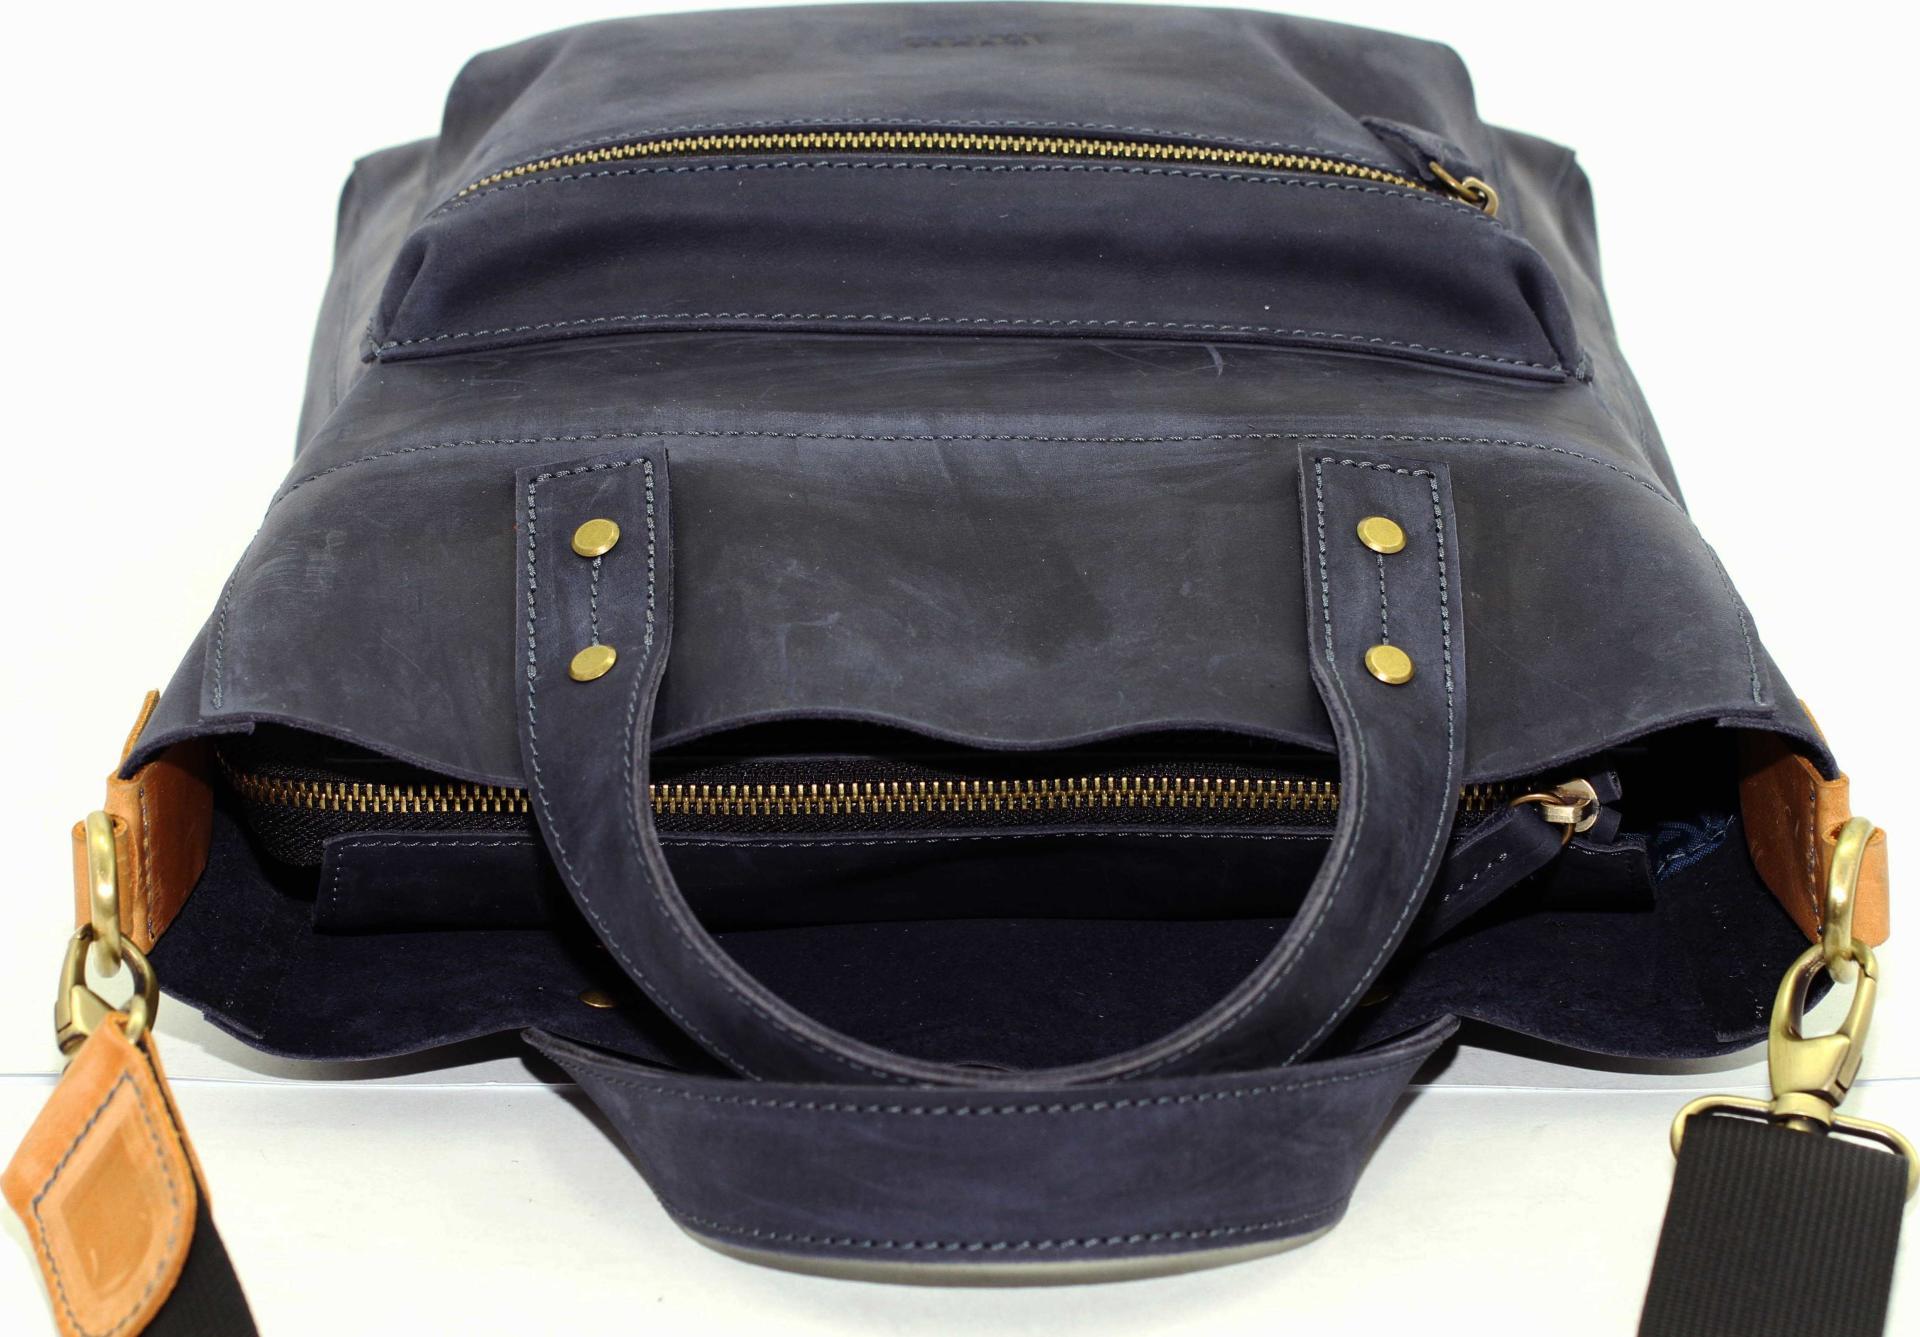 97f7953c007a Стильная синяя сумка из матовой кожи VATTO (12109) купить в Киеве ...